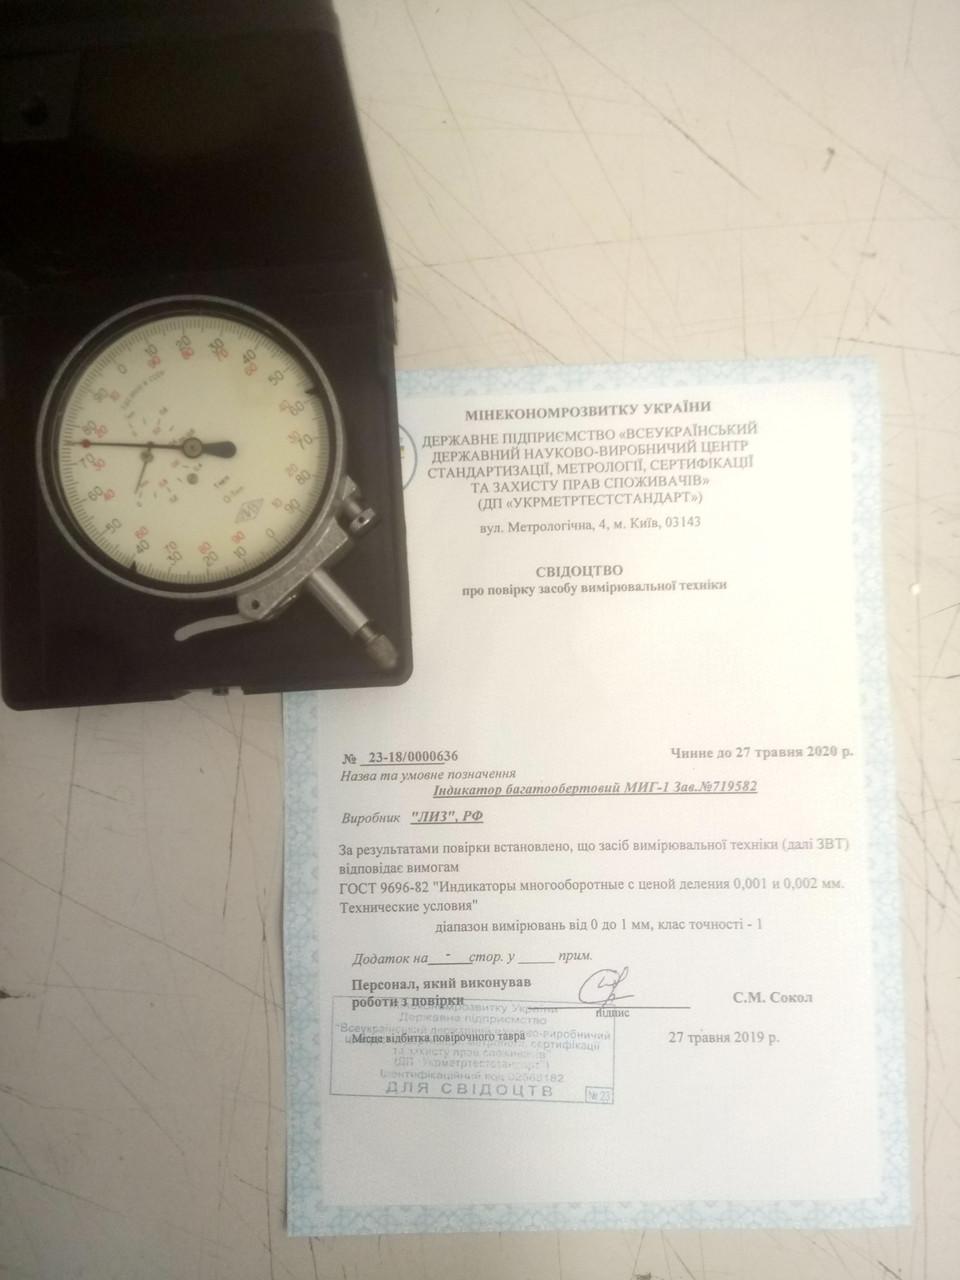 Индикатор многооборотный МИГ-1(модель 05101) поверен  в УкрЦСМ,возможна калибровка